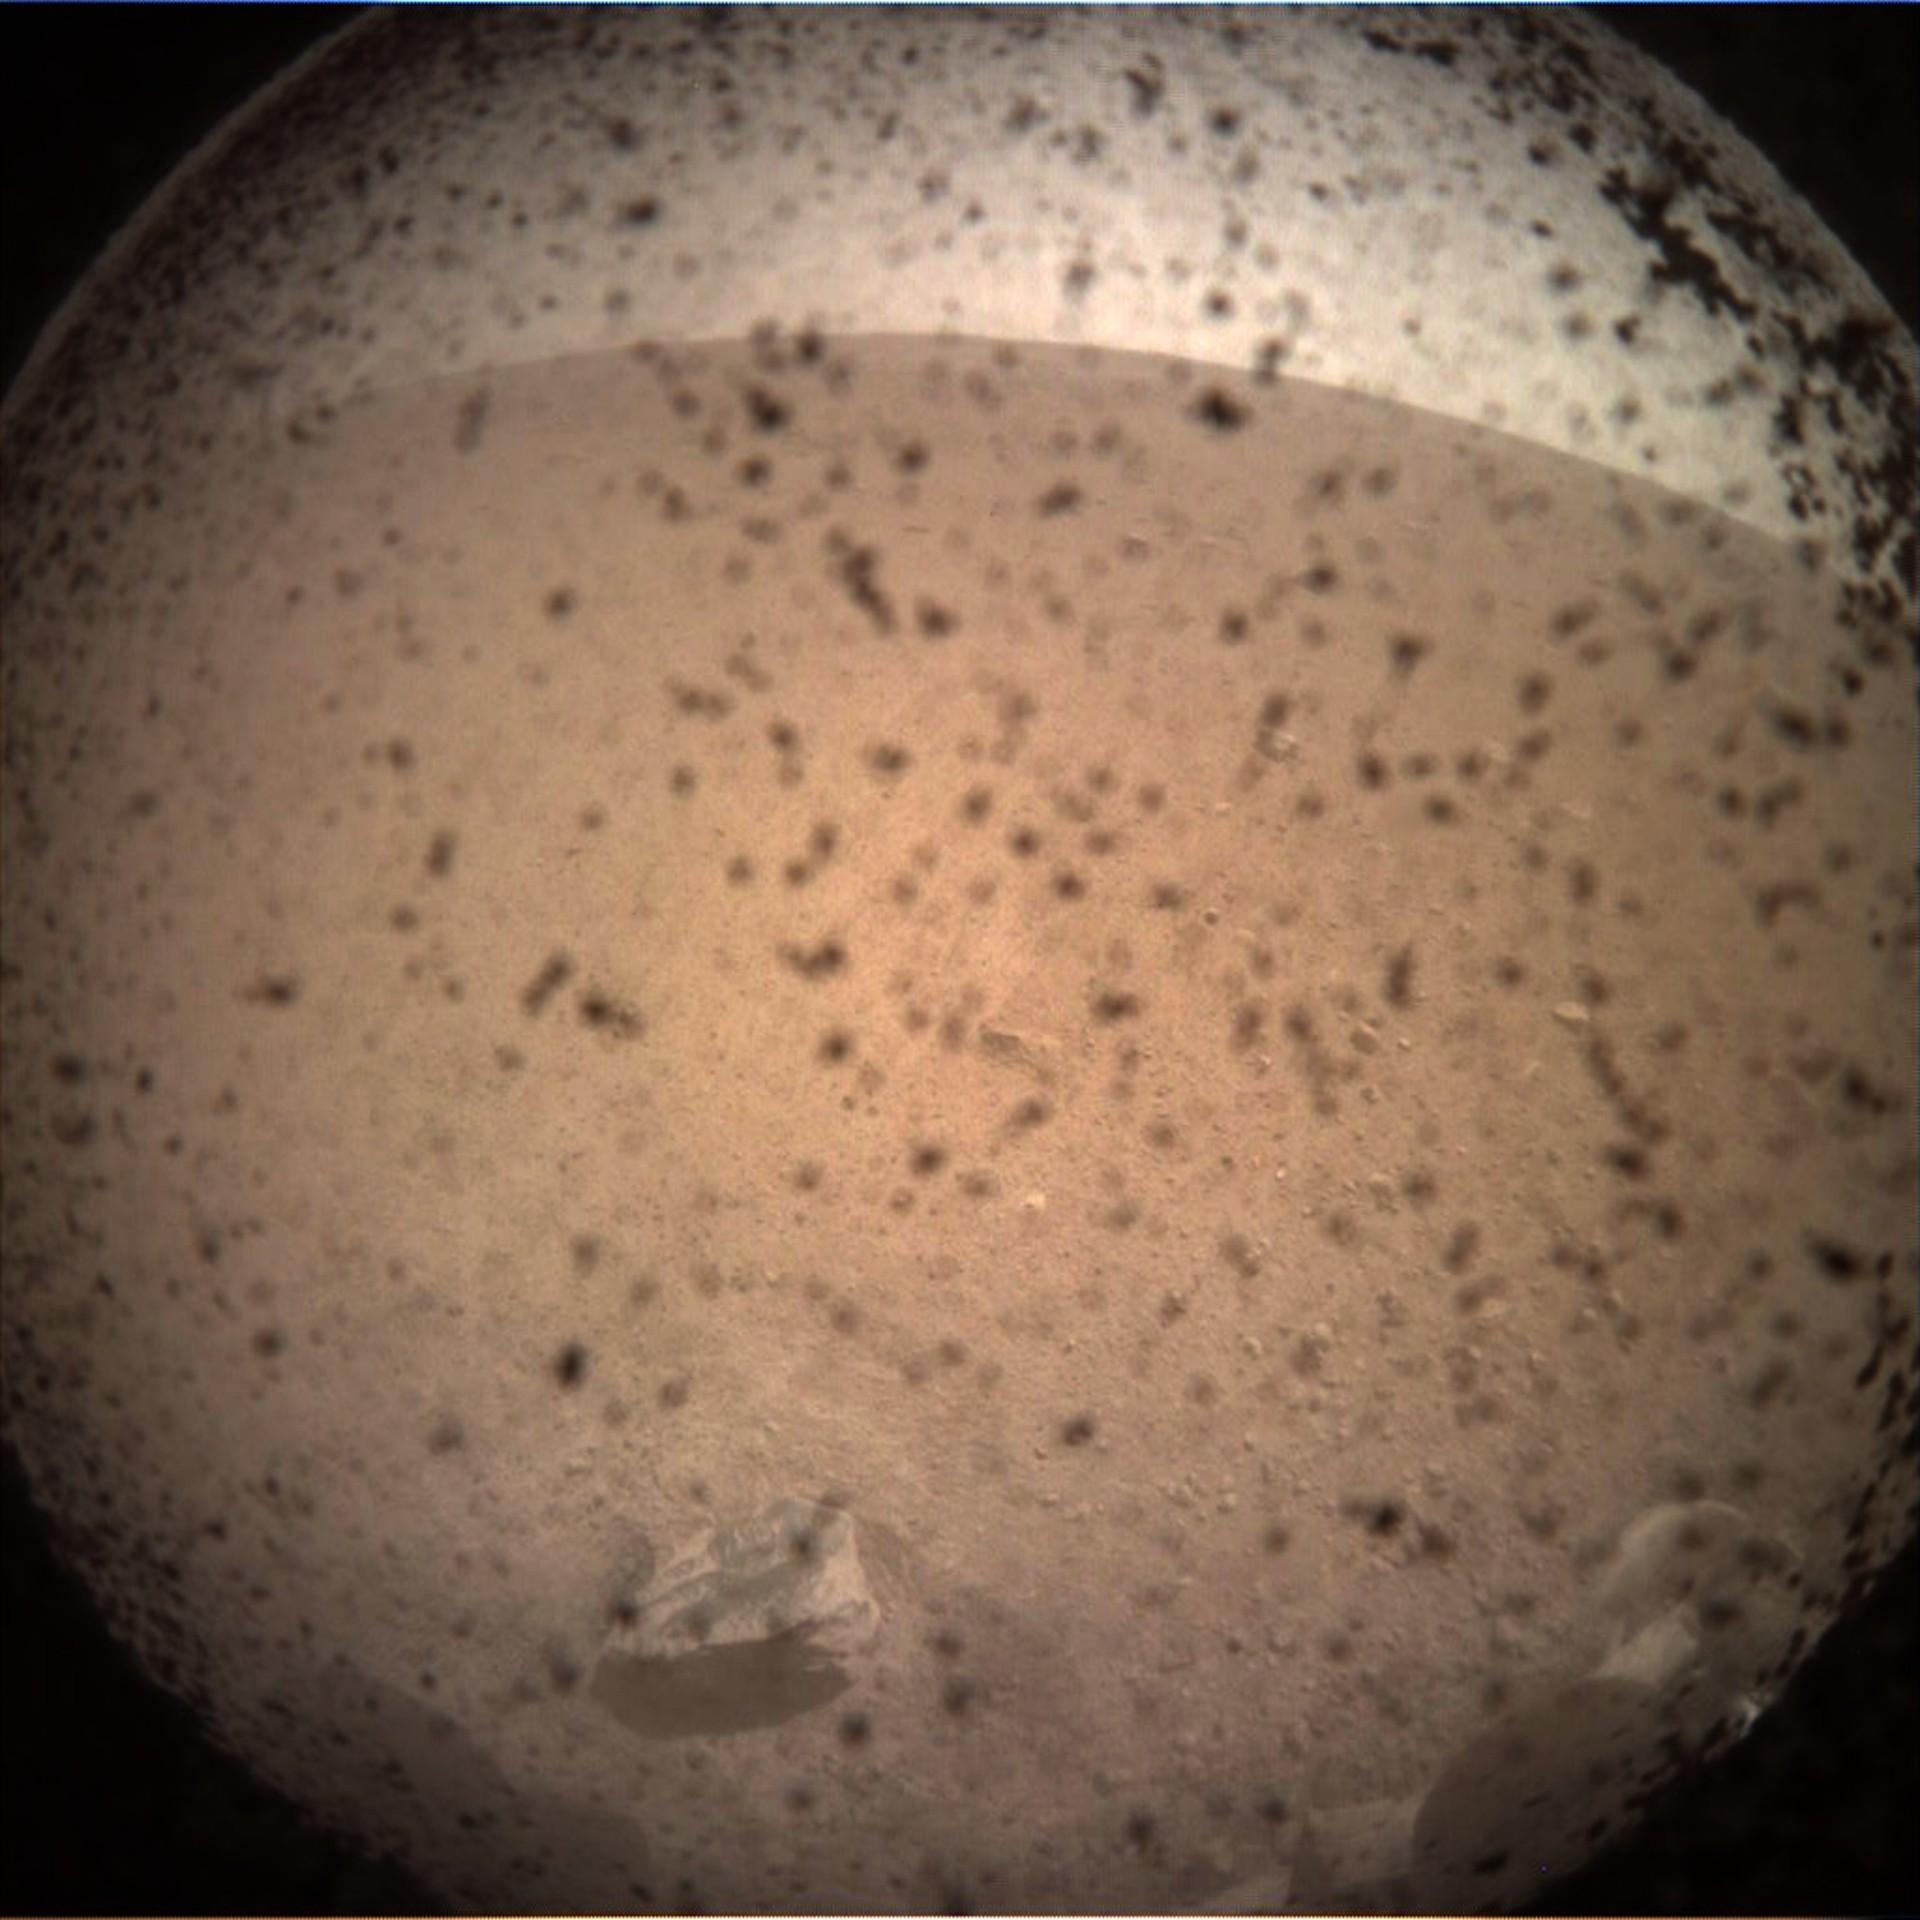 Misión de la NASA, módulo InSight, aterrizó en la superficie de Marte